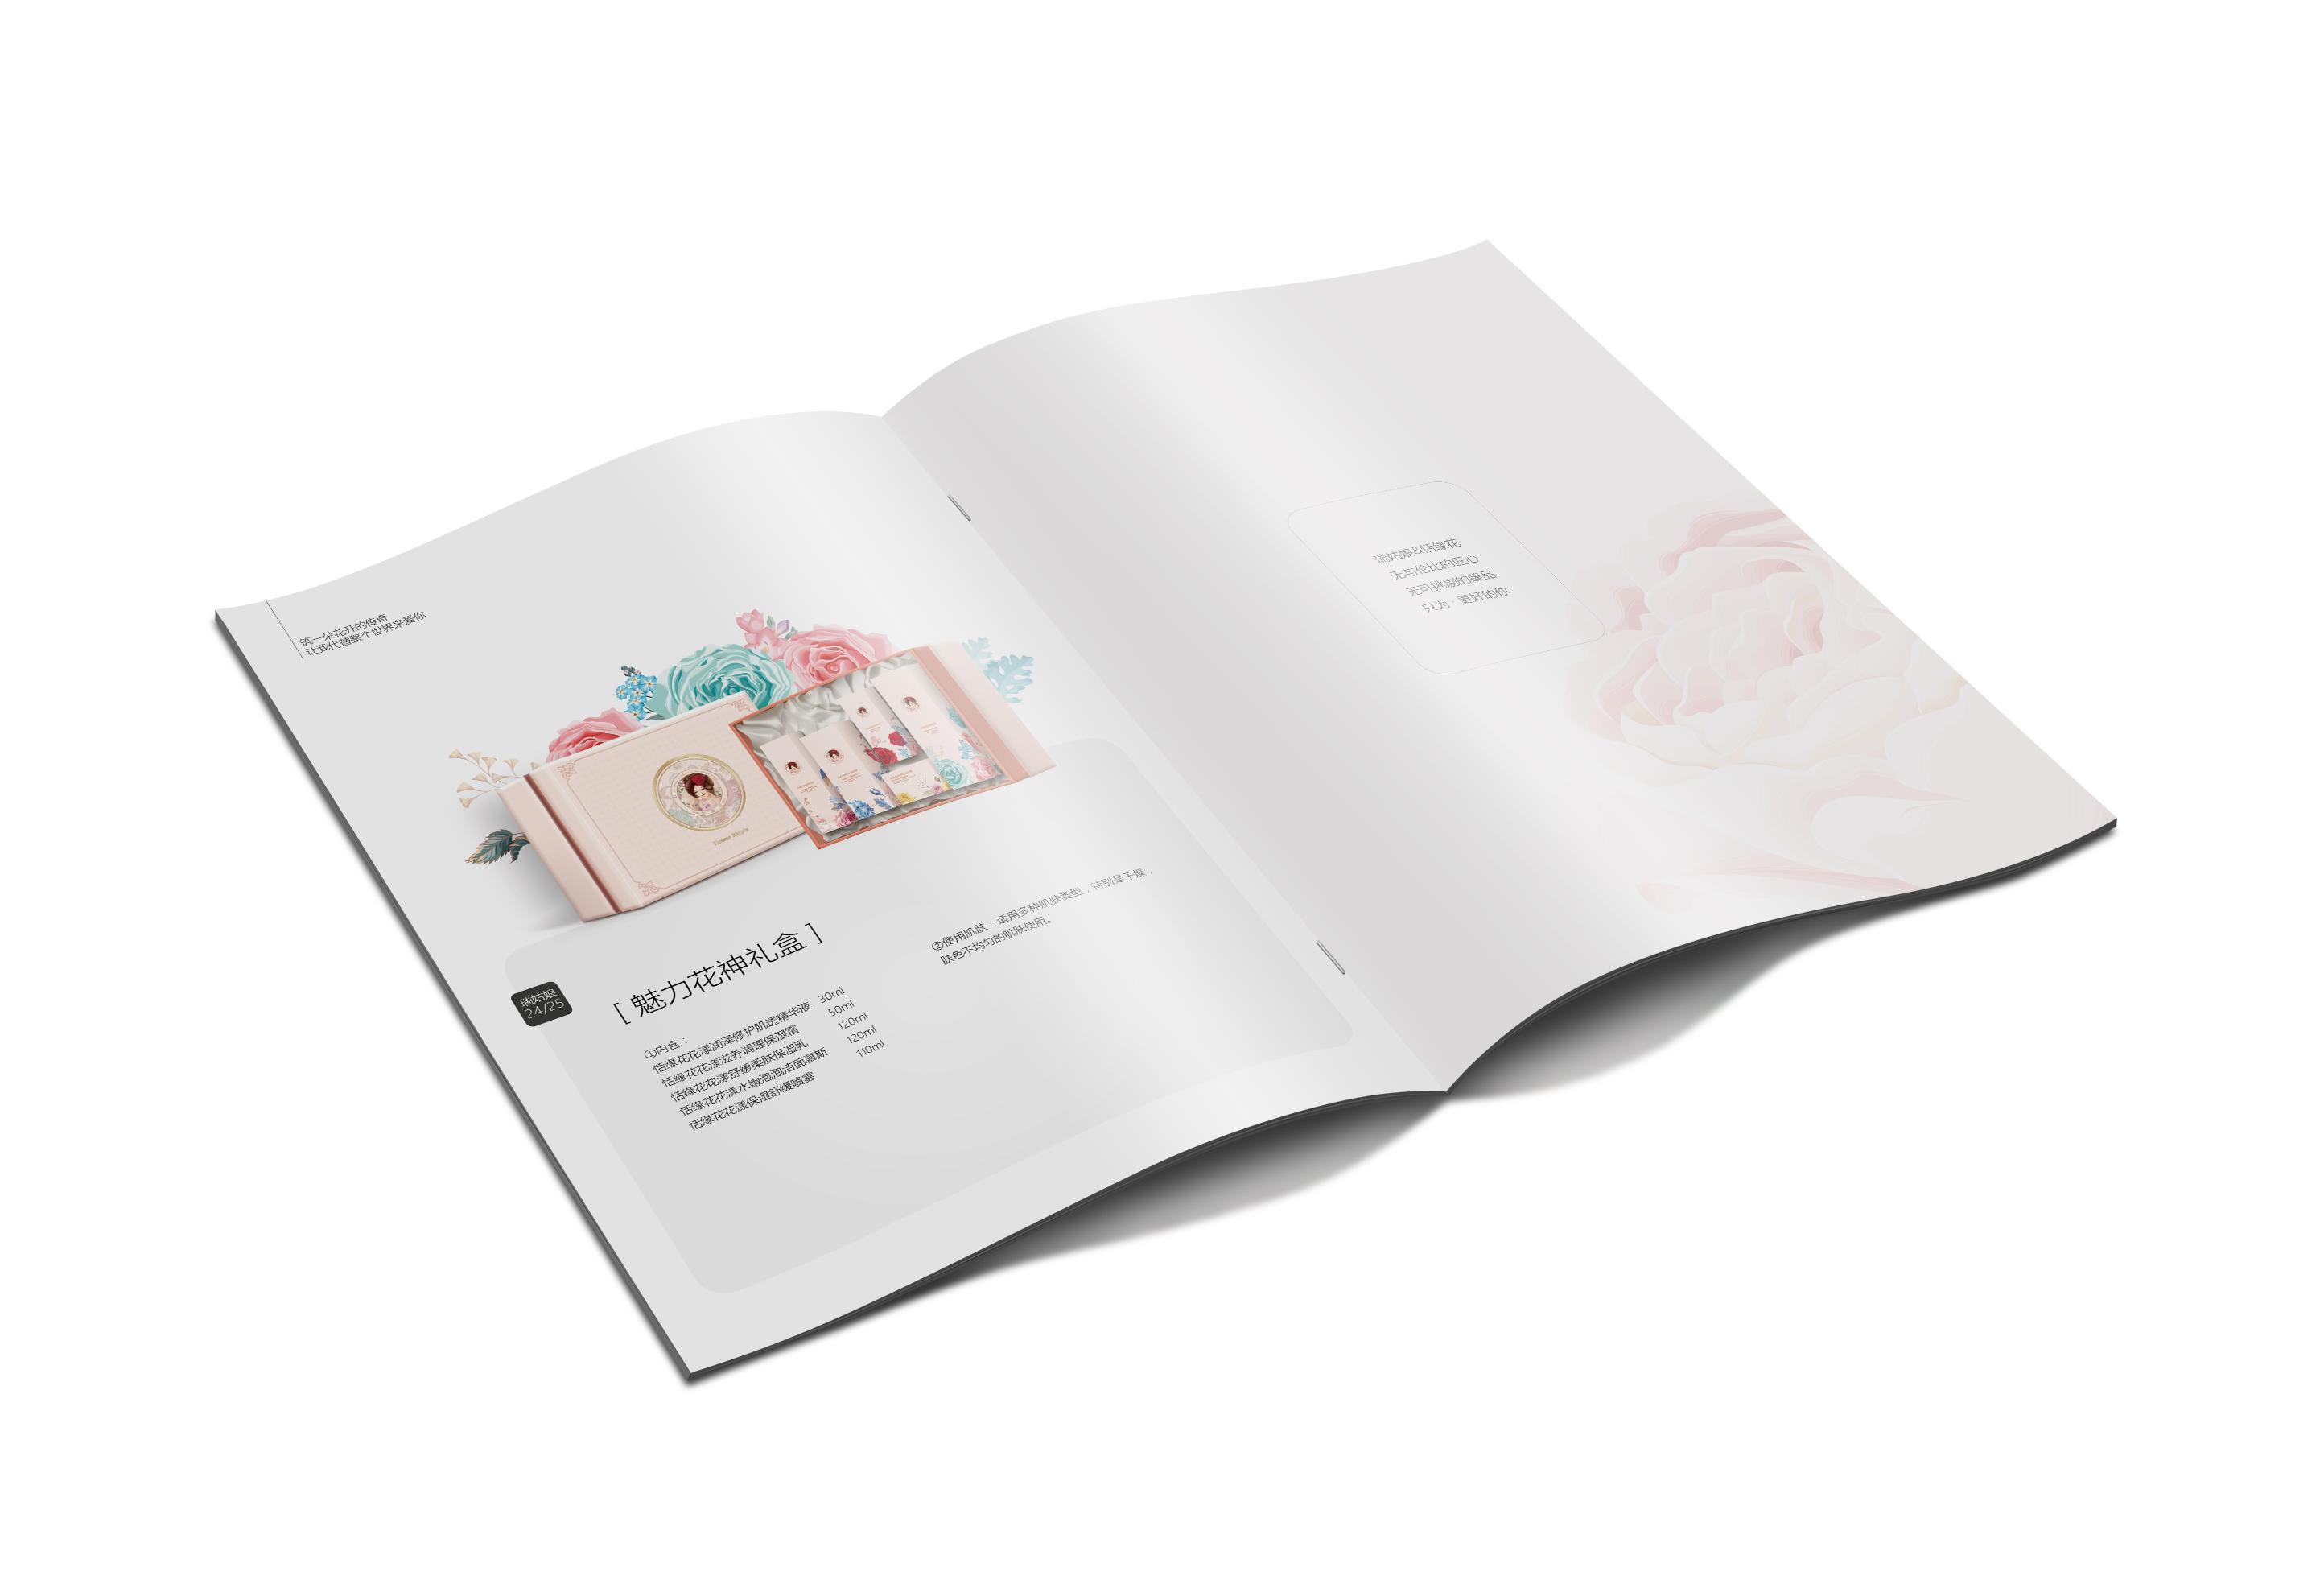 家具行业教育机构画展地产酒店民宿超市企业制造宣传册画册设计